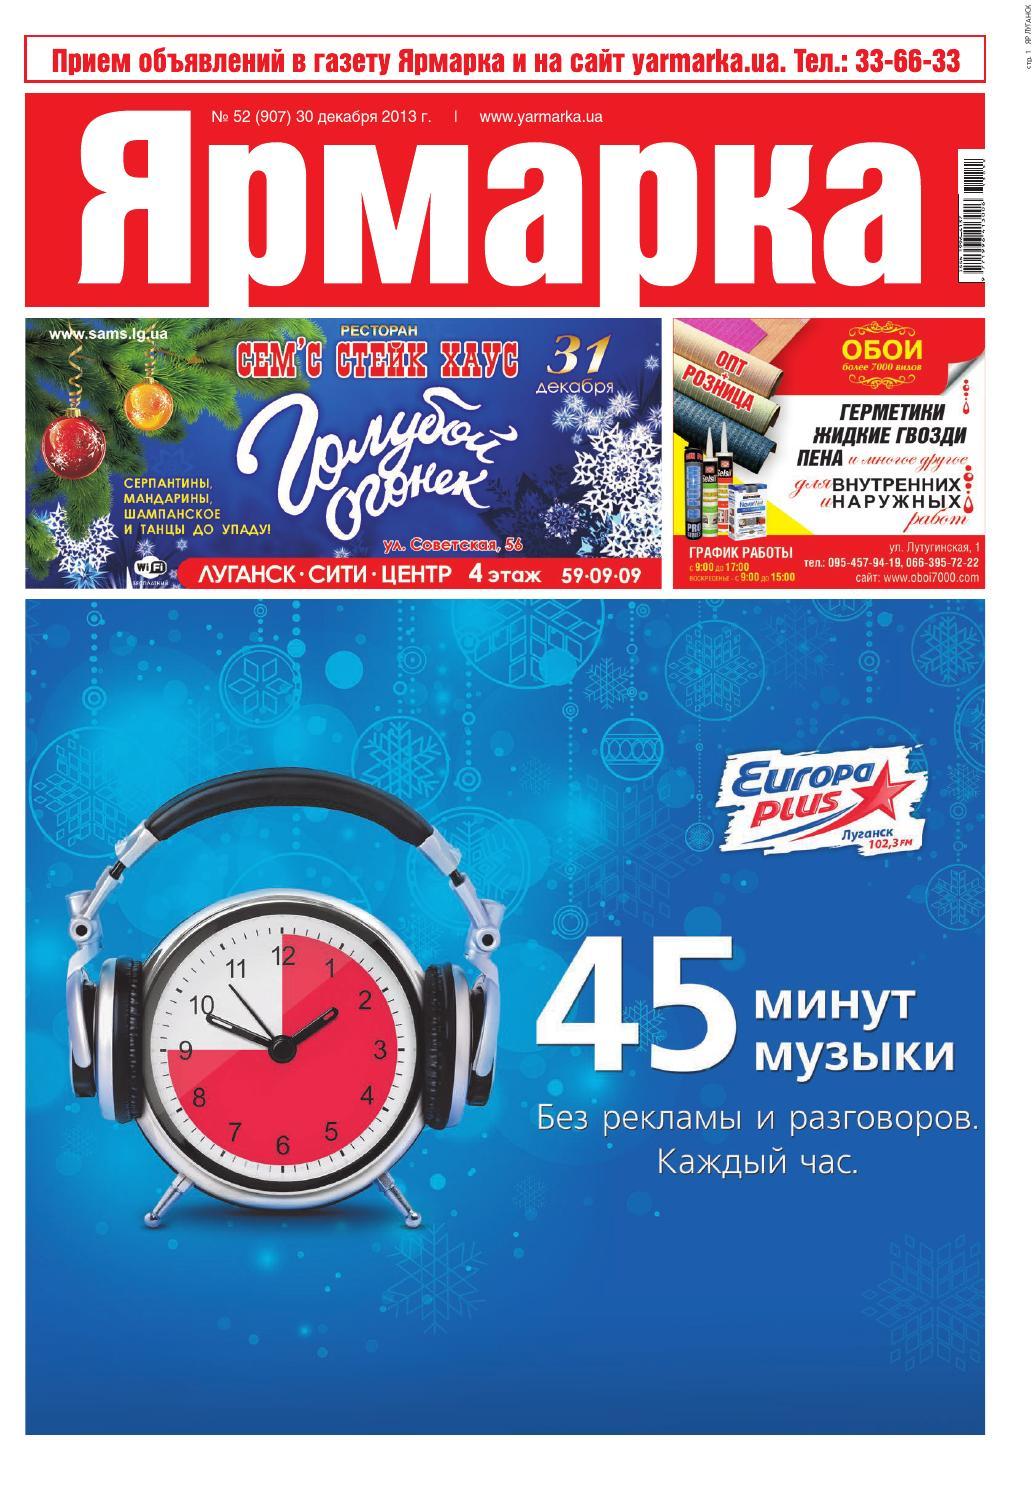 f202a763 Yarmarka lugansk 30 12 2013 by besplatka ukraine - issuu